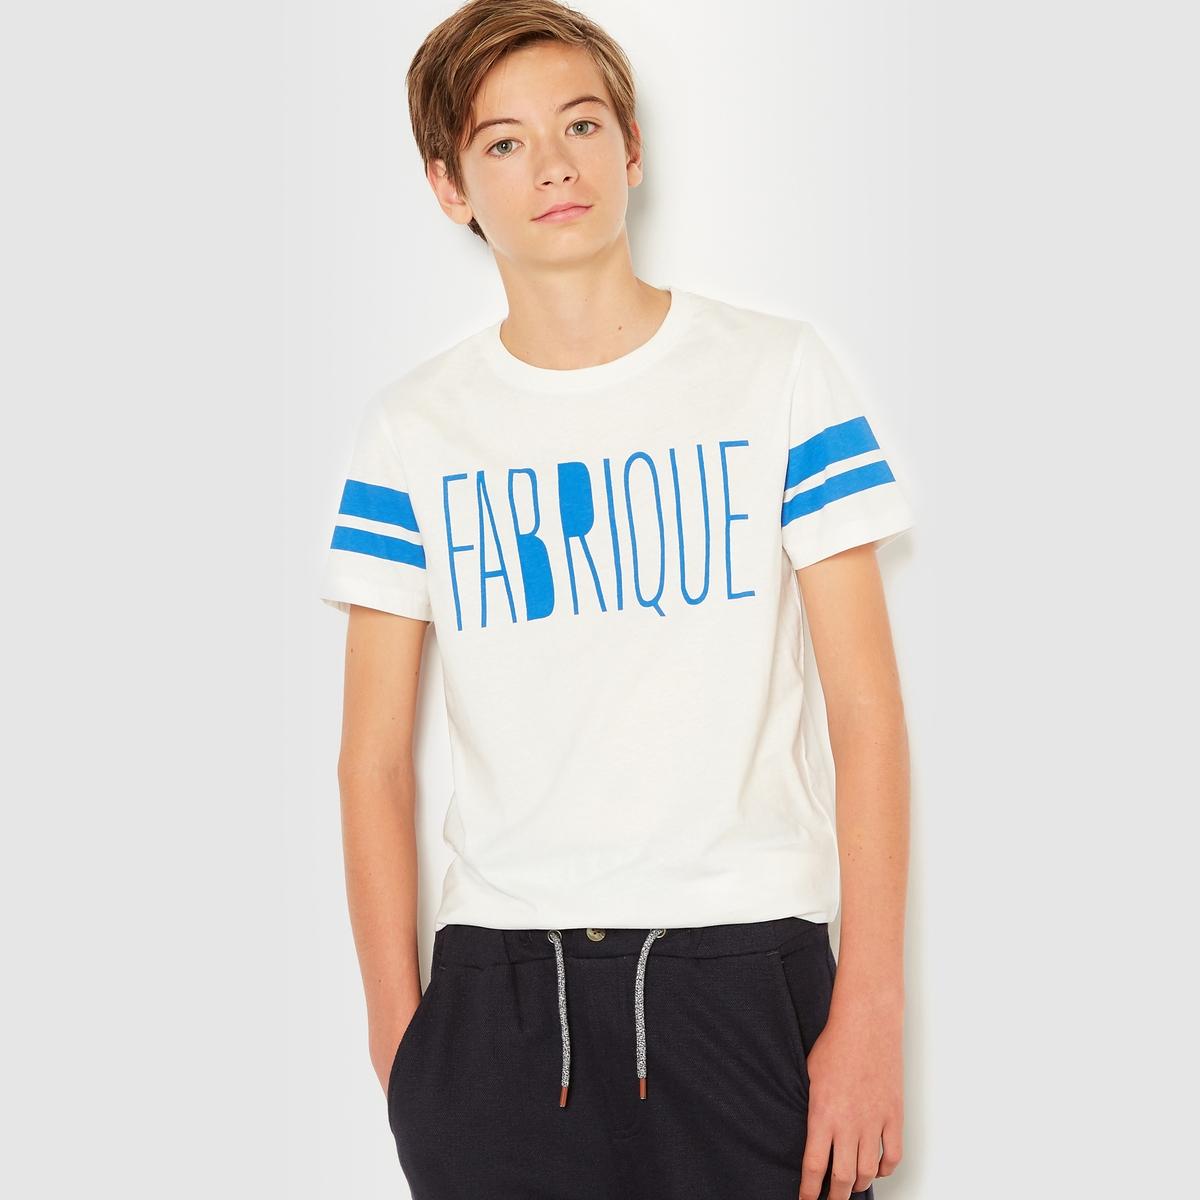 Комплект из 2 футболок с рисунком, для 10-16 лет комплект из 2 леггинсов 10 16 лет